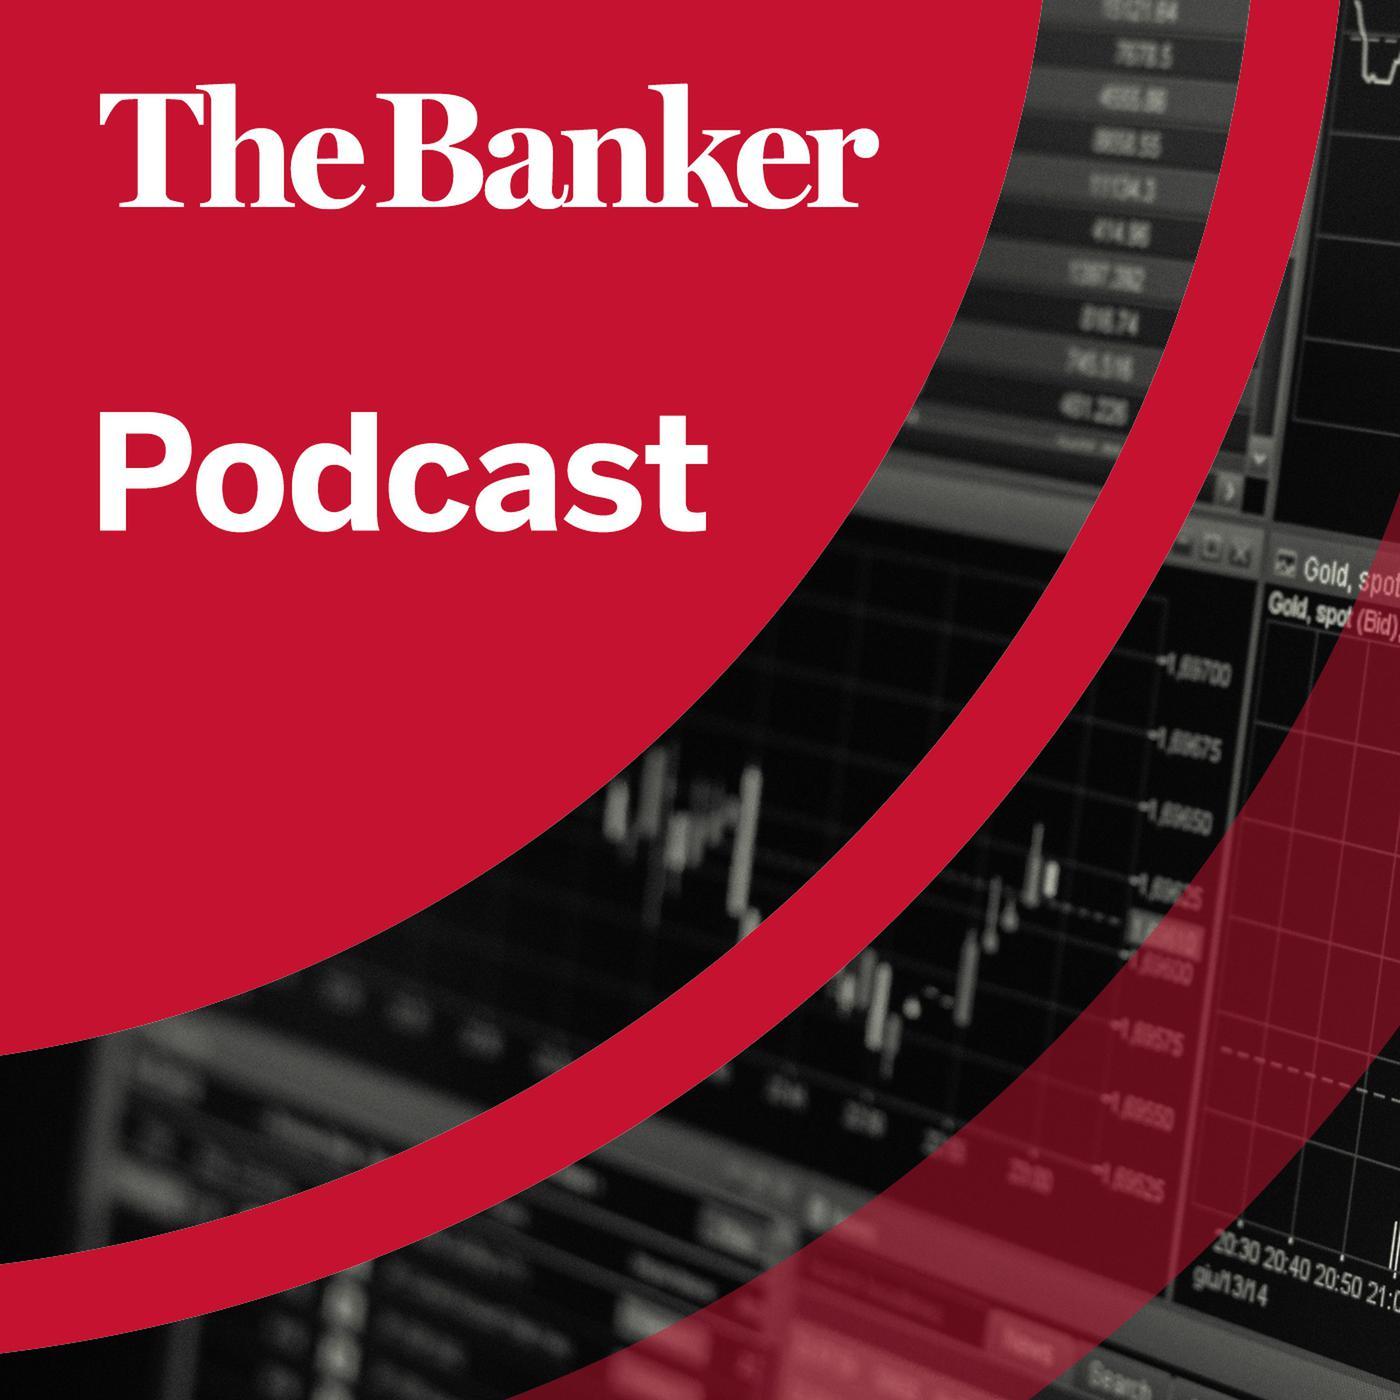 banker-podcast-image